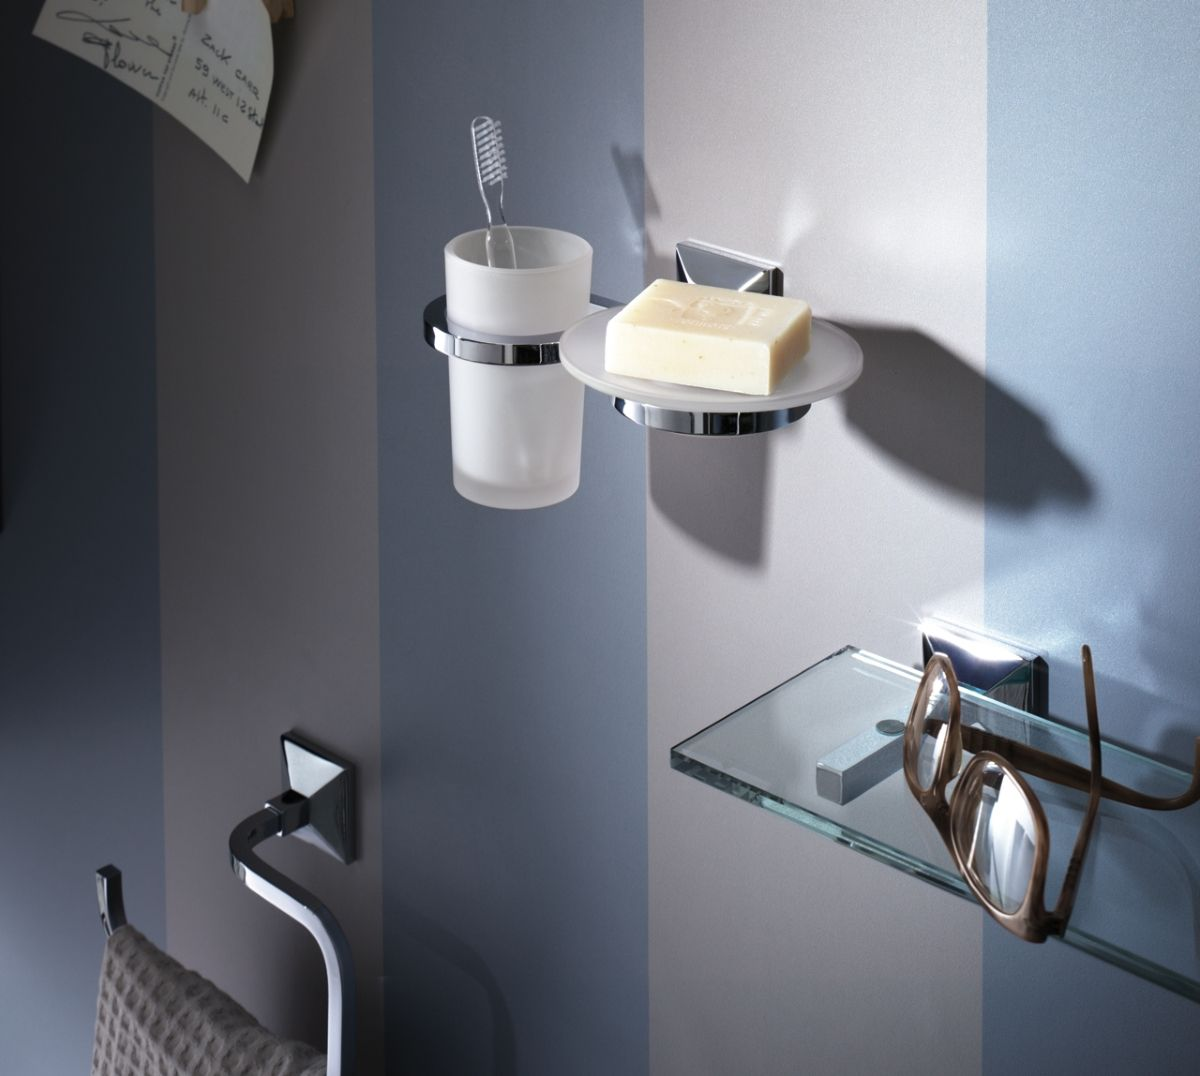 Gli accessori? Indispensabili in ogni bagno | cozy place | Pinterest ...